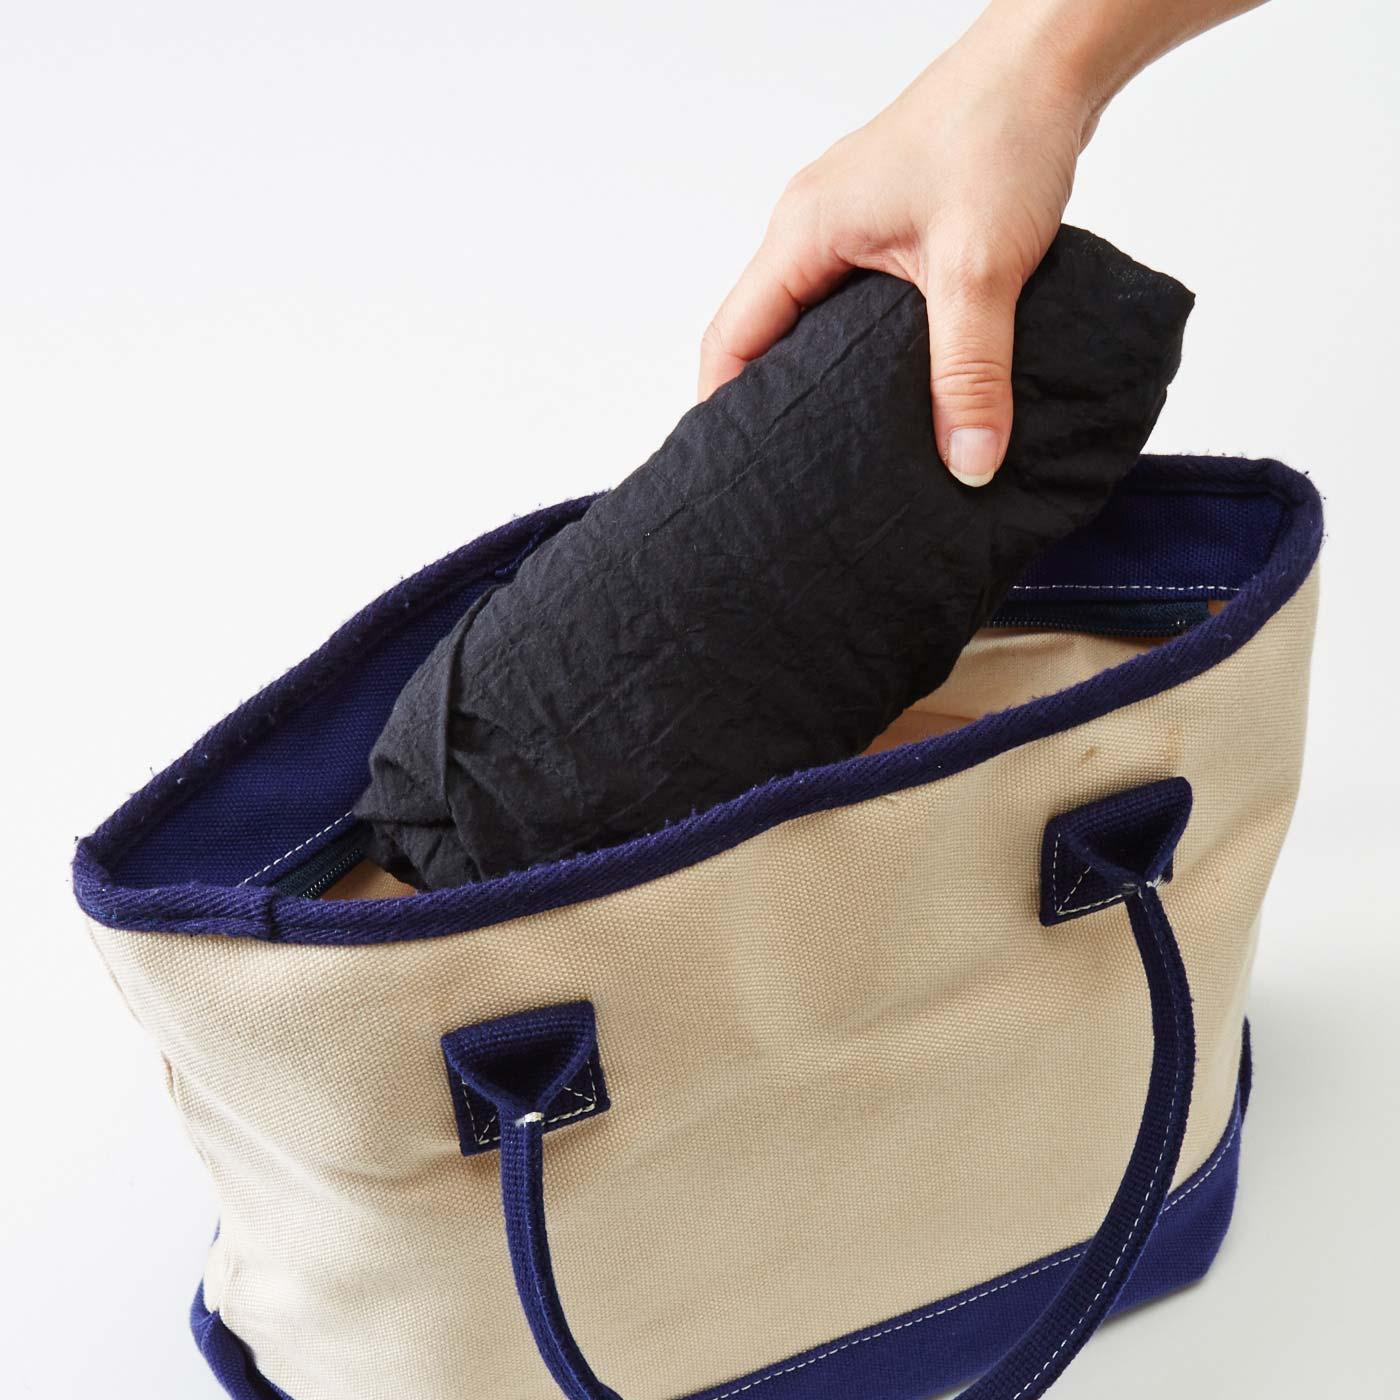 しわを気にせず丸めて、かばんの中にいつもスタンバイ。